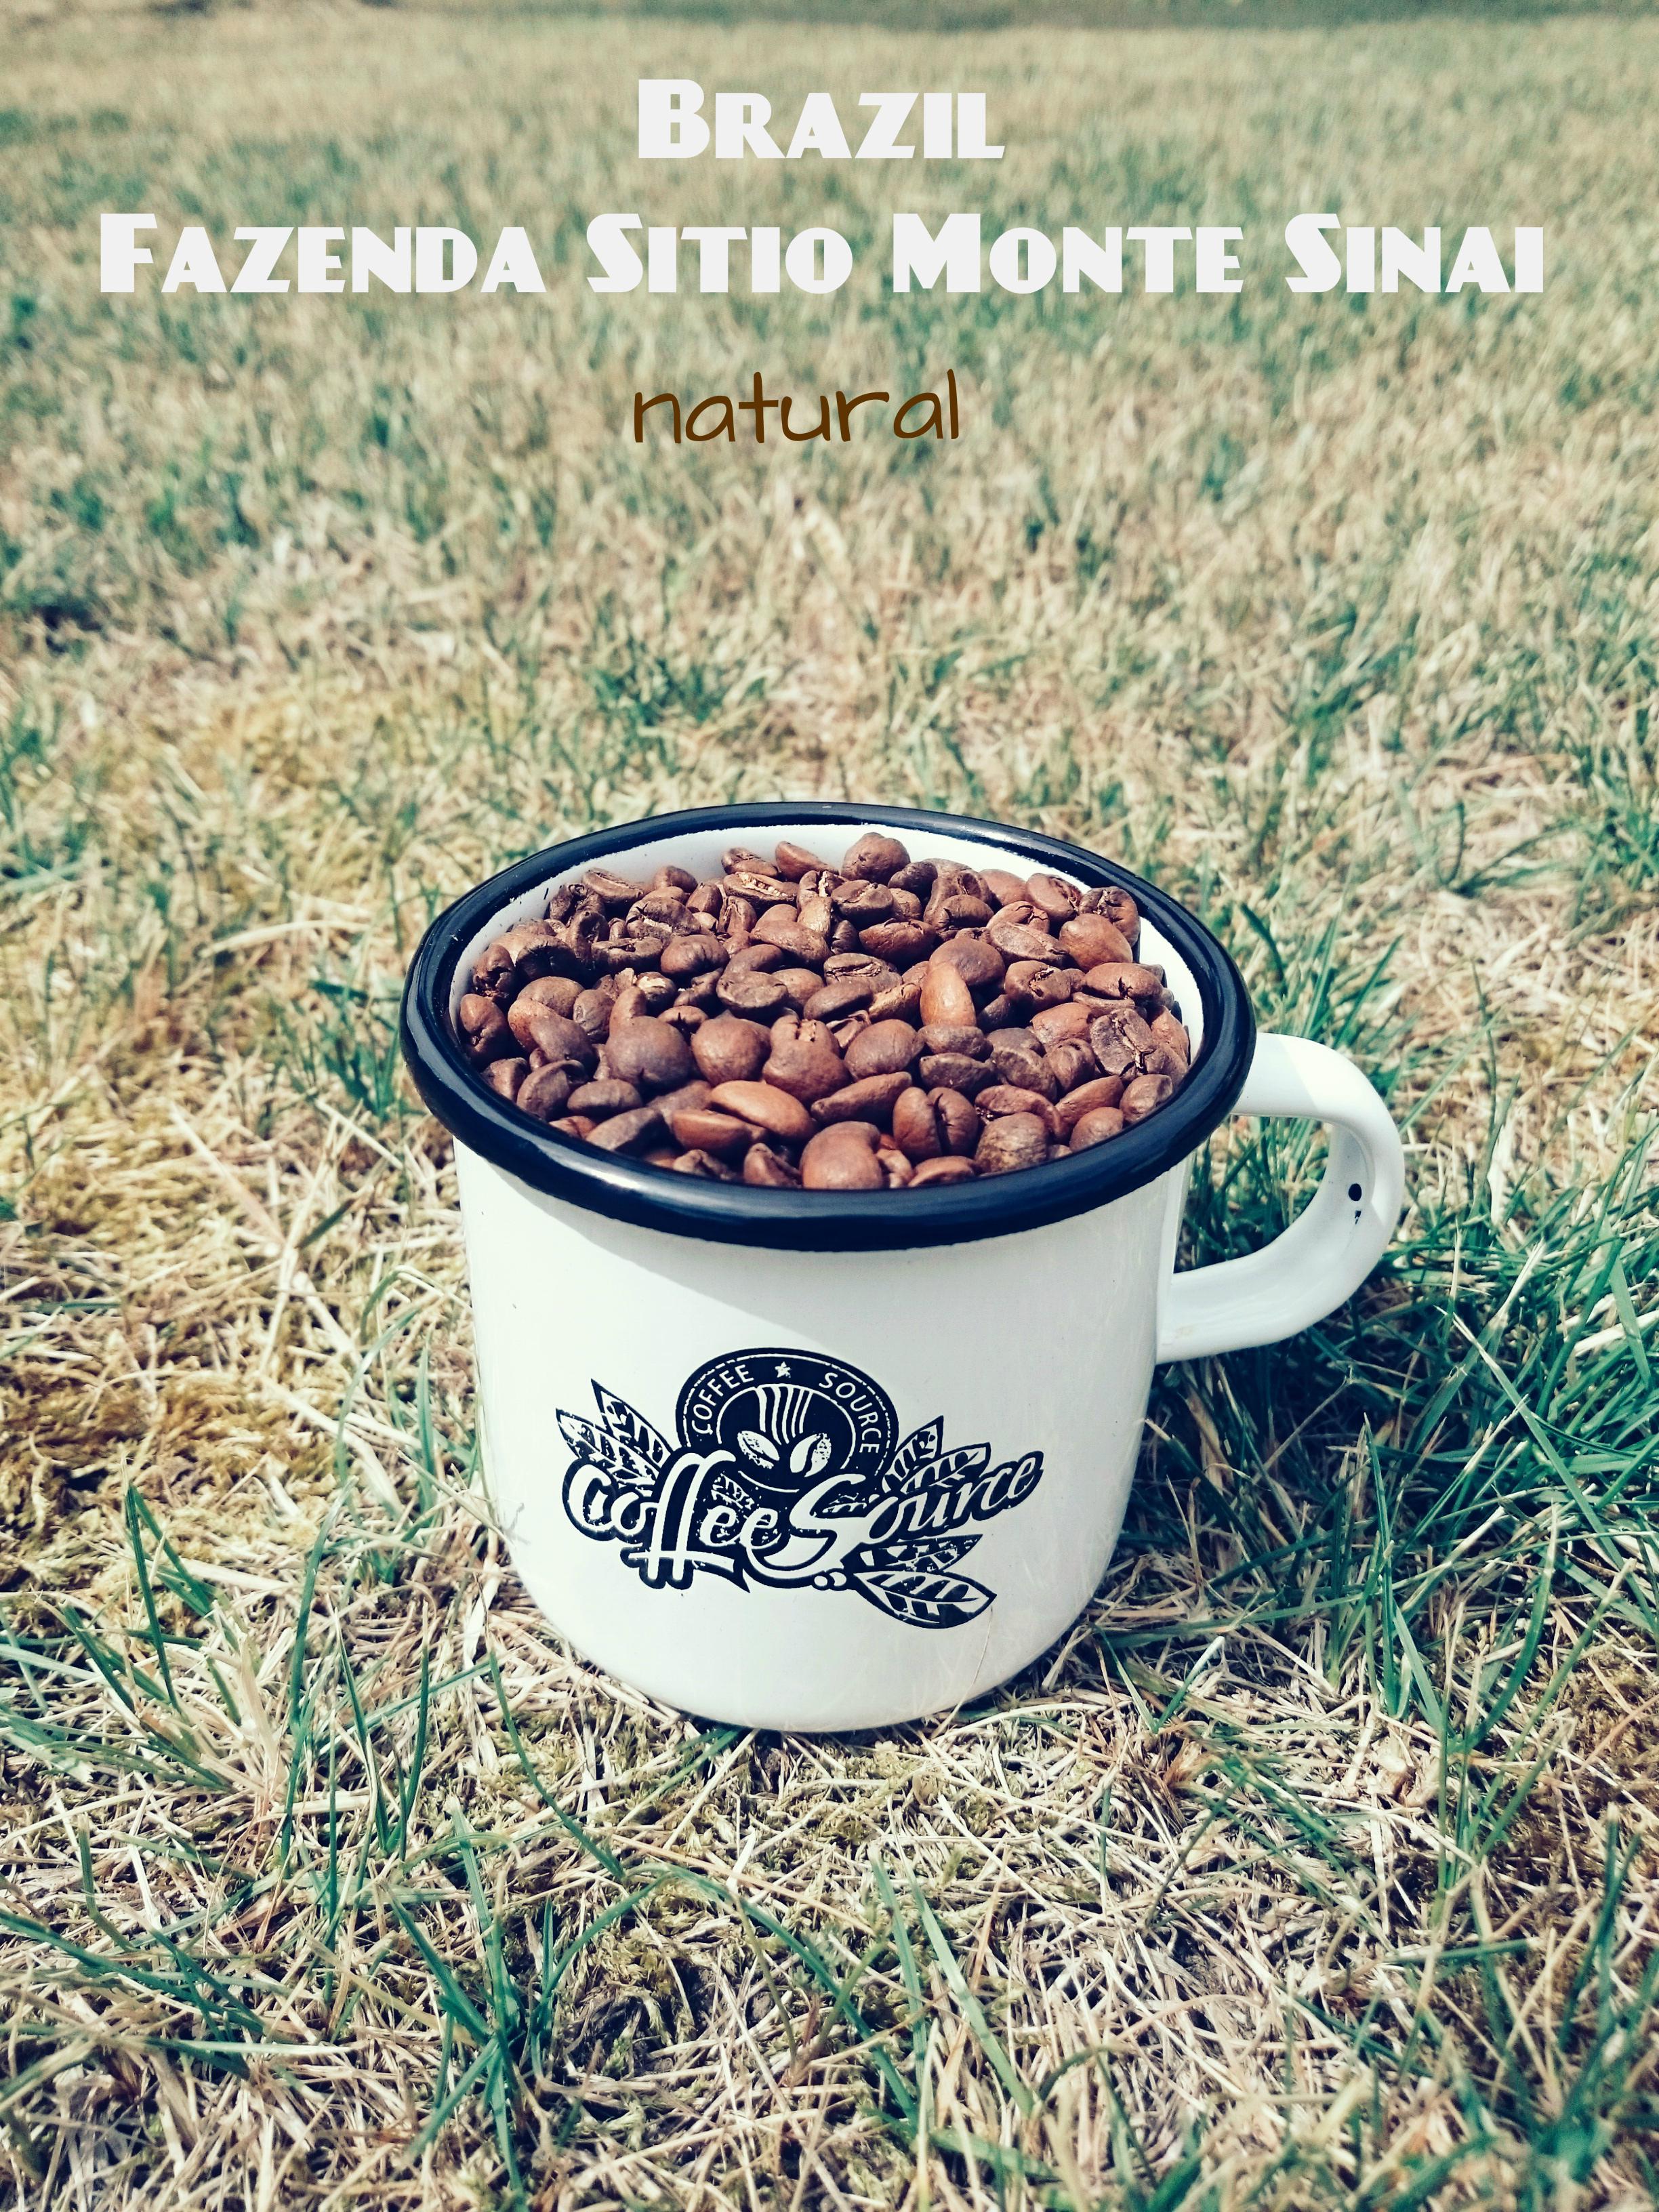 CS mug 183g brazil 4